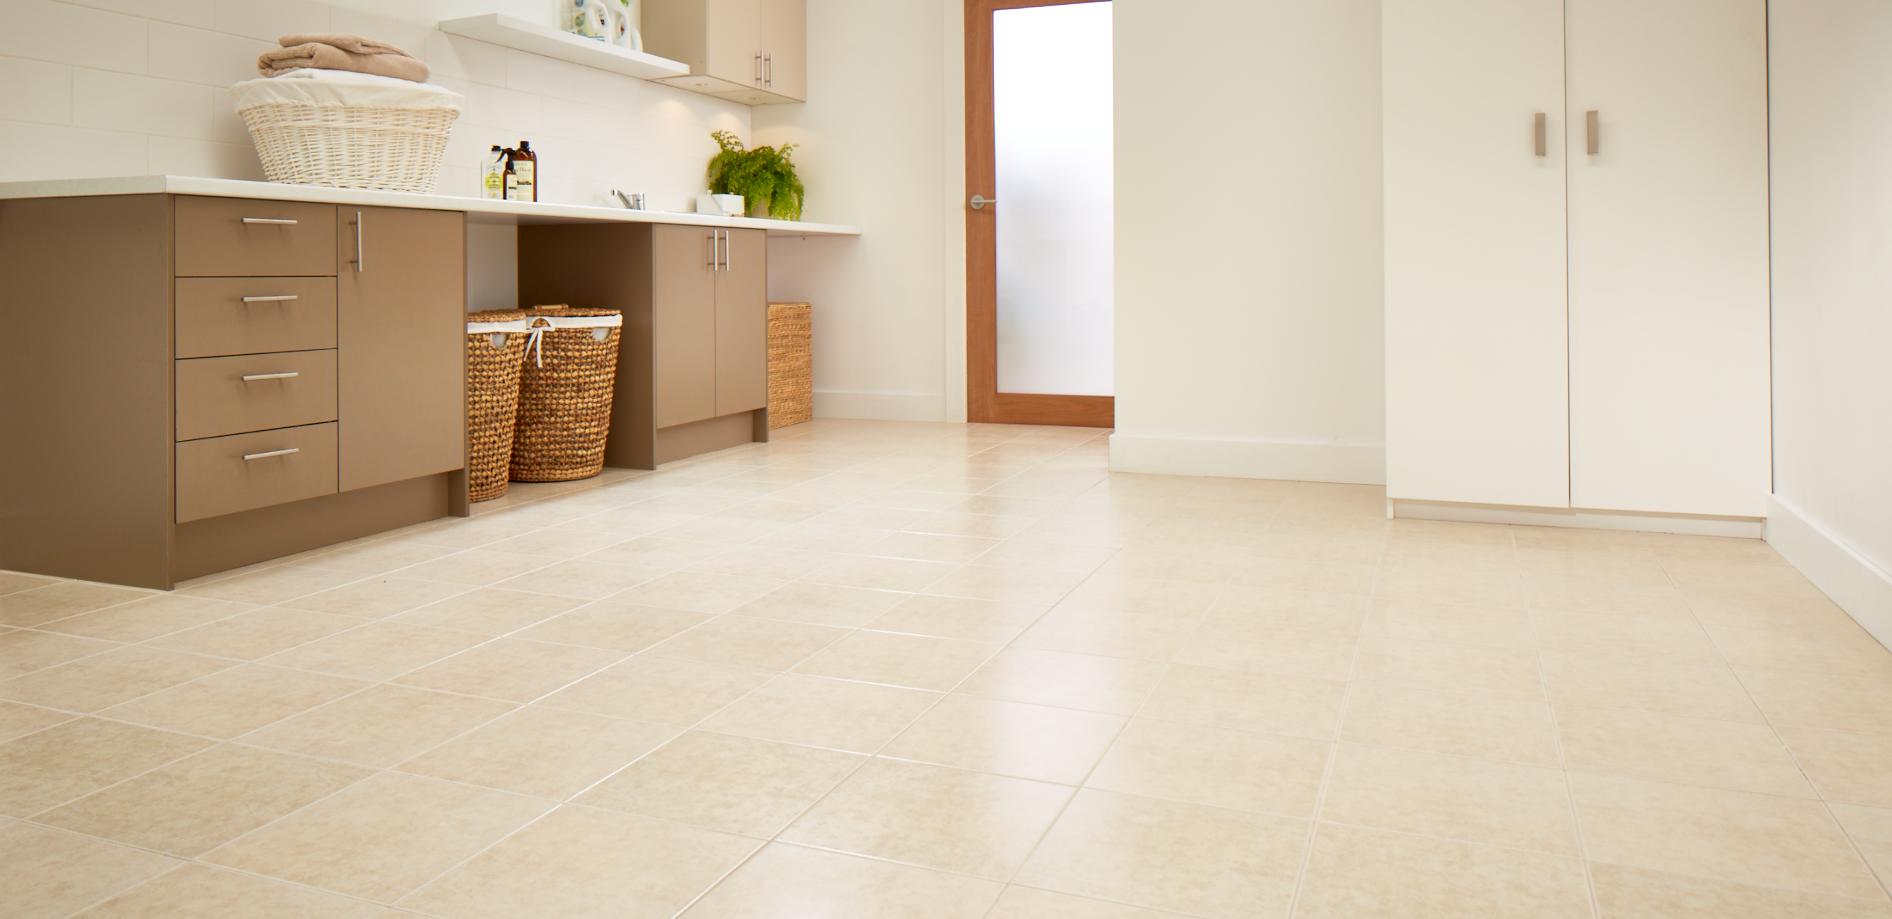 Bellazza 30 x 30cm Rustic Sand Ceramic Floor Tiles 11